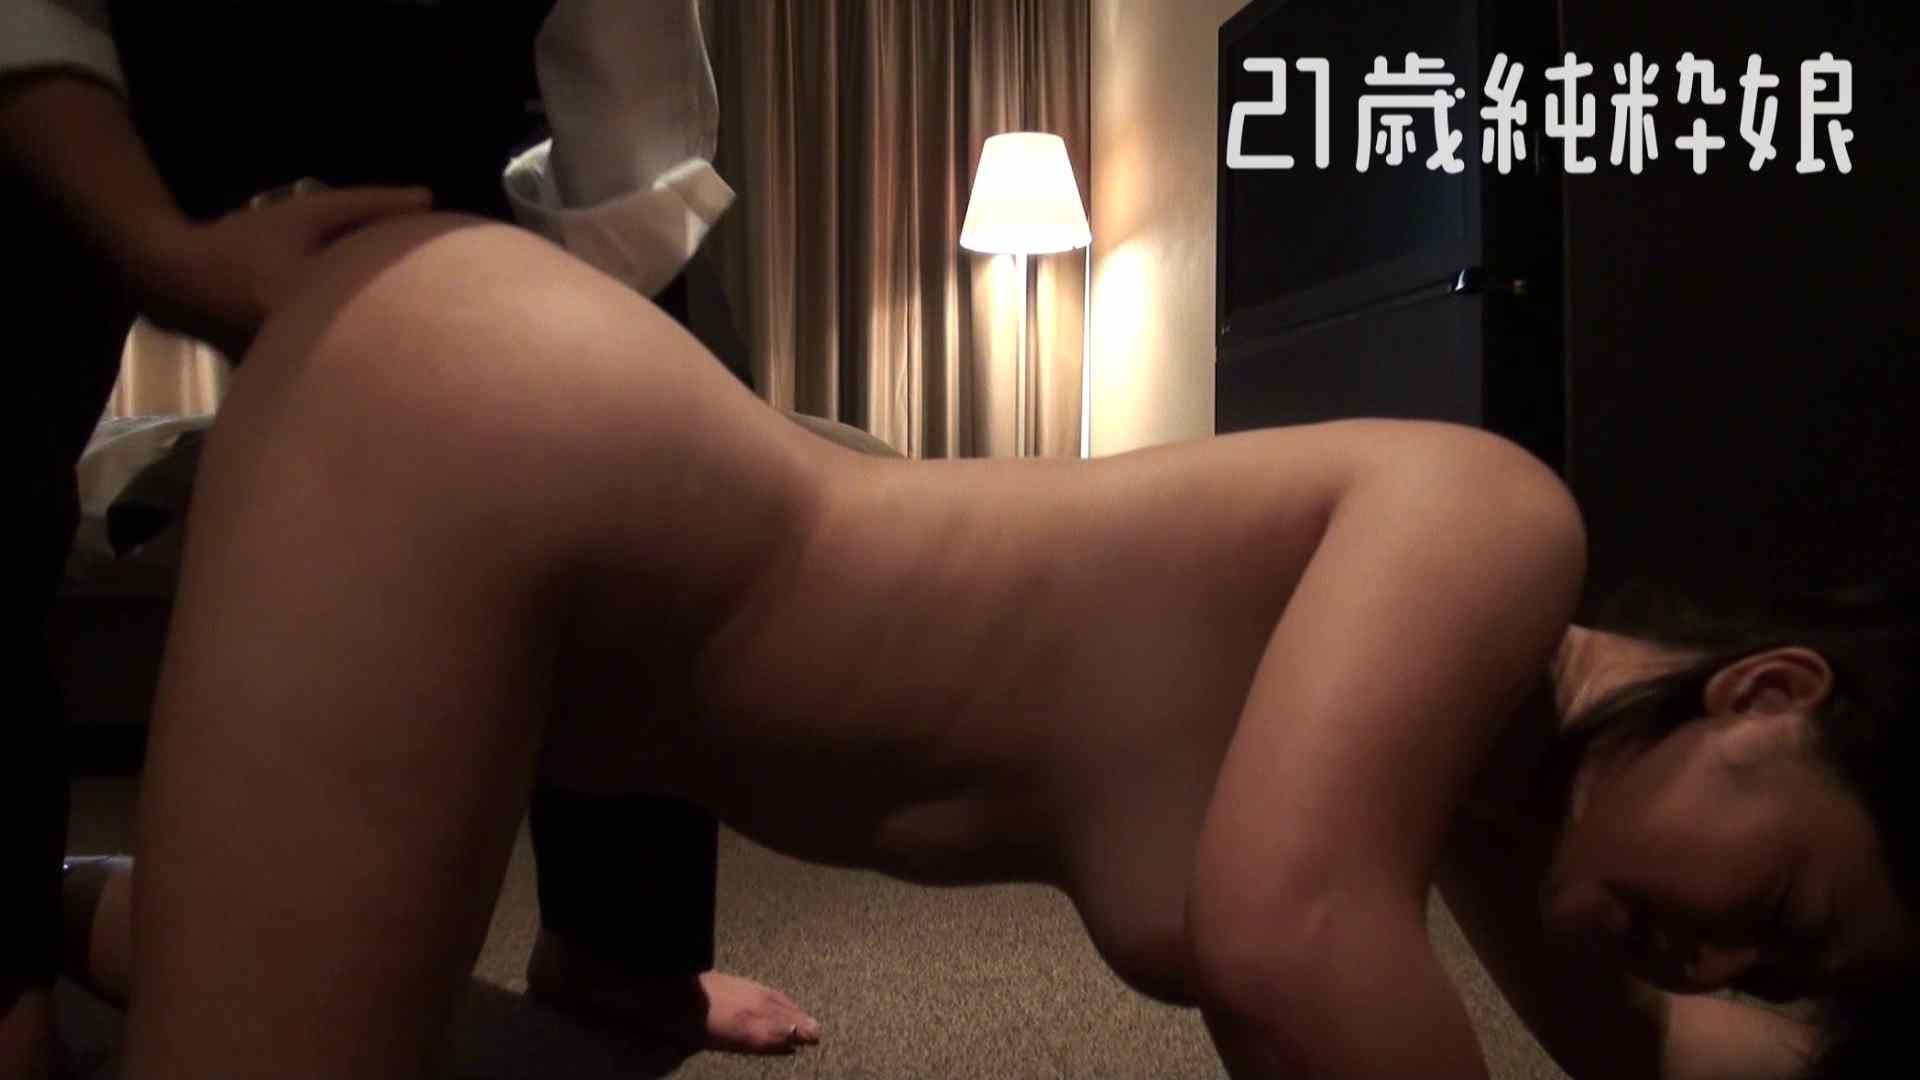 上京したばかりのGカップ21歳純粋嬢を都合の良い女にしてみた2 オナニー 盗み撮り動画キャプチャ 97連発 59